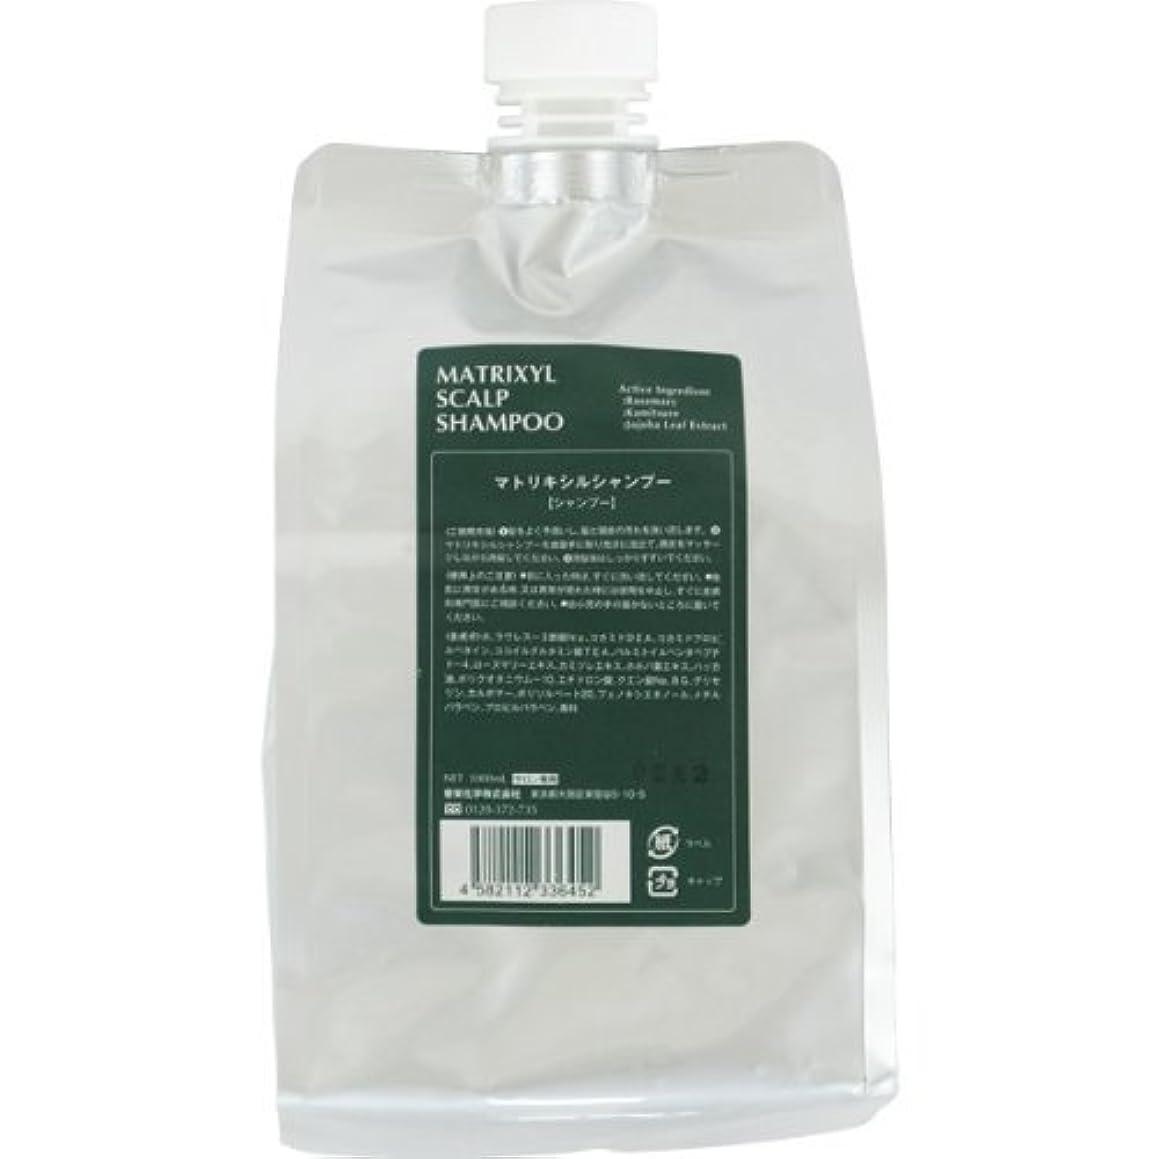 憂慮すべきひいきにする絶え間ない香栄化学 マトリキシル スキャルプシャンプー レフィル 1000ml